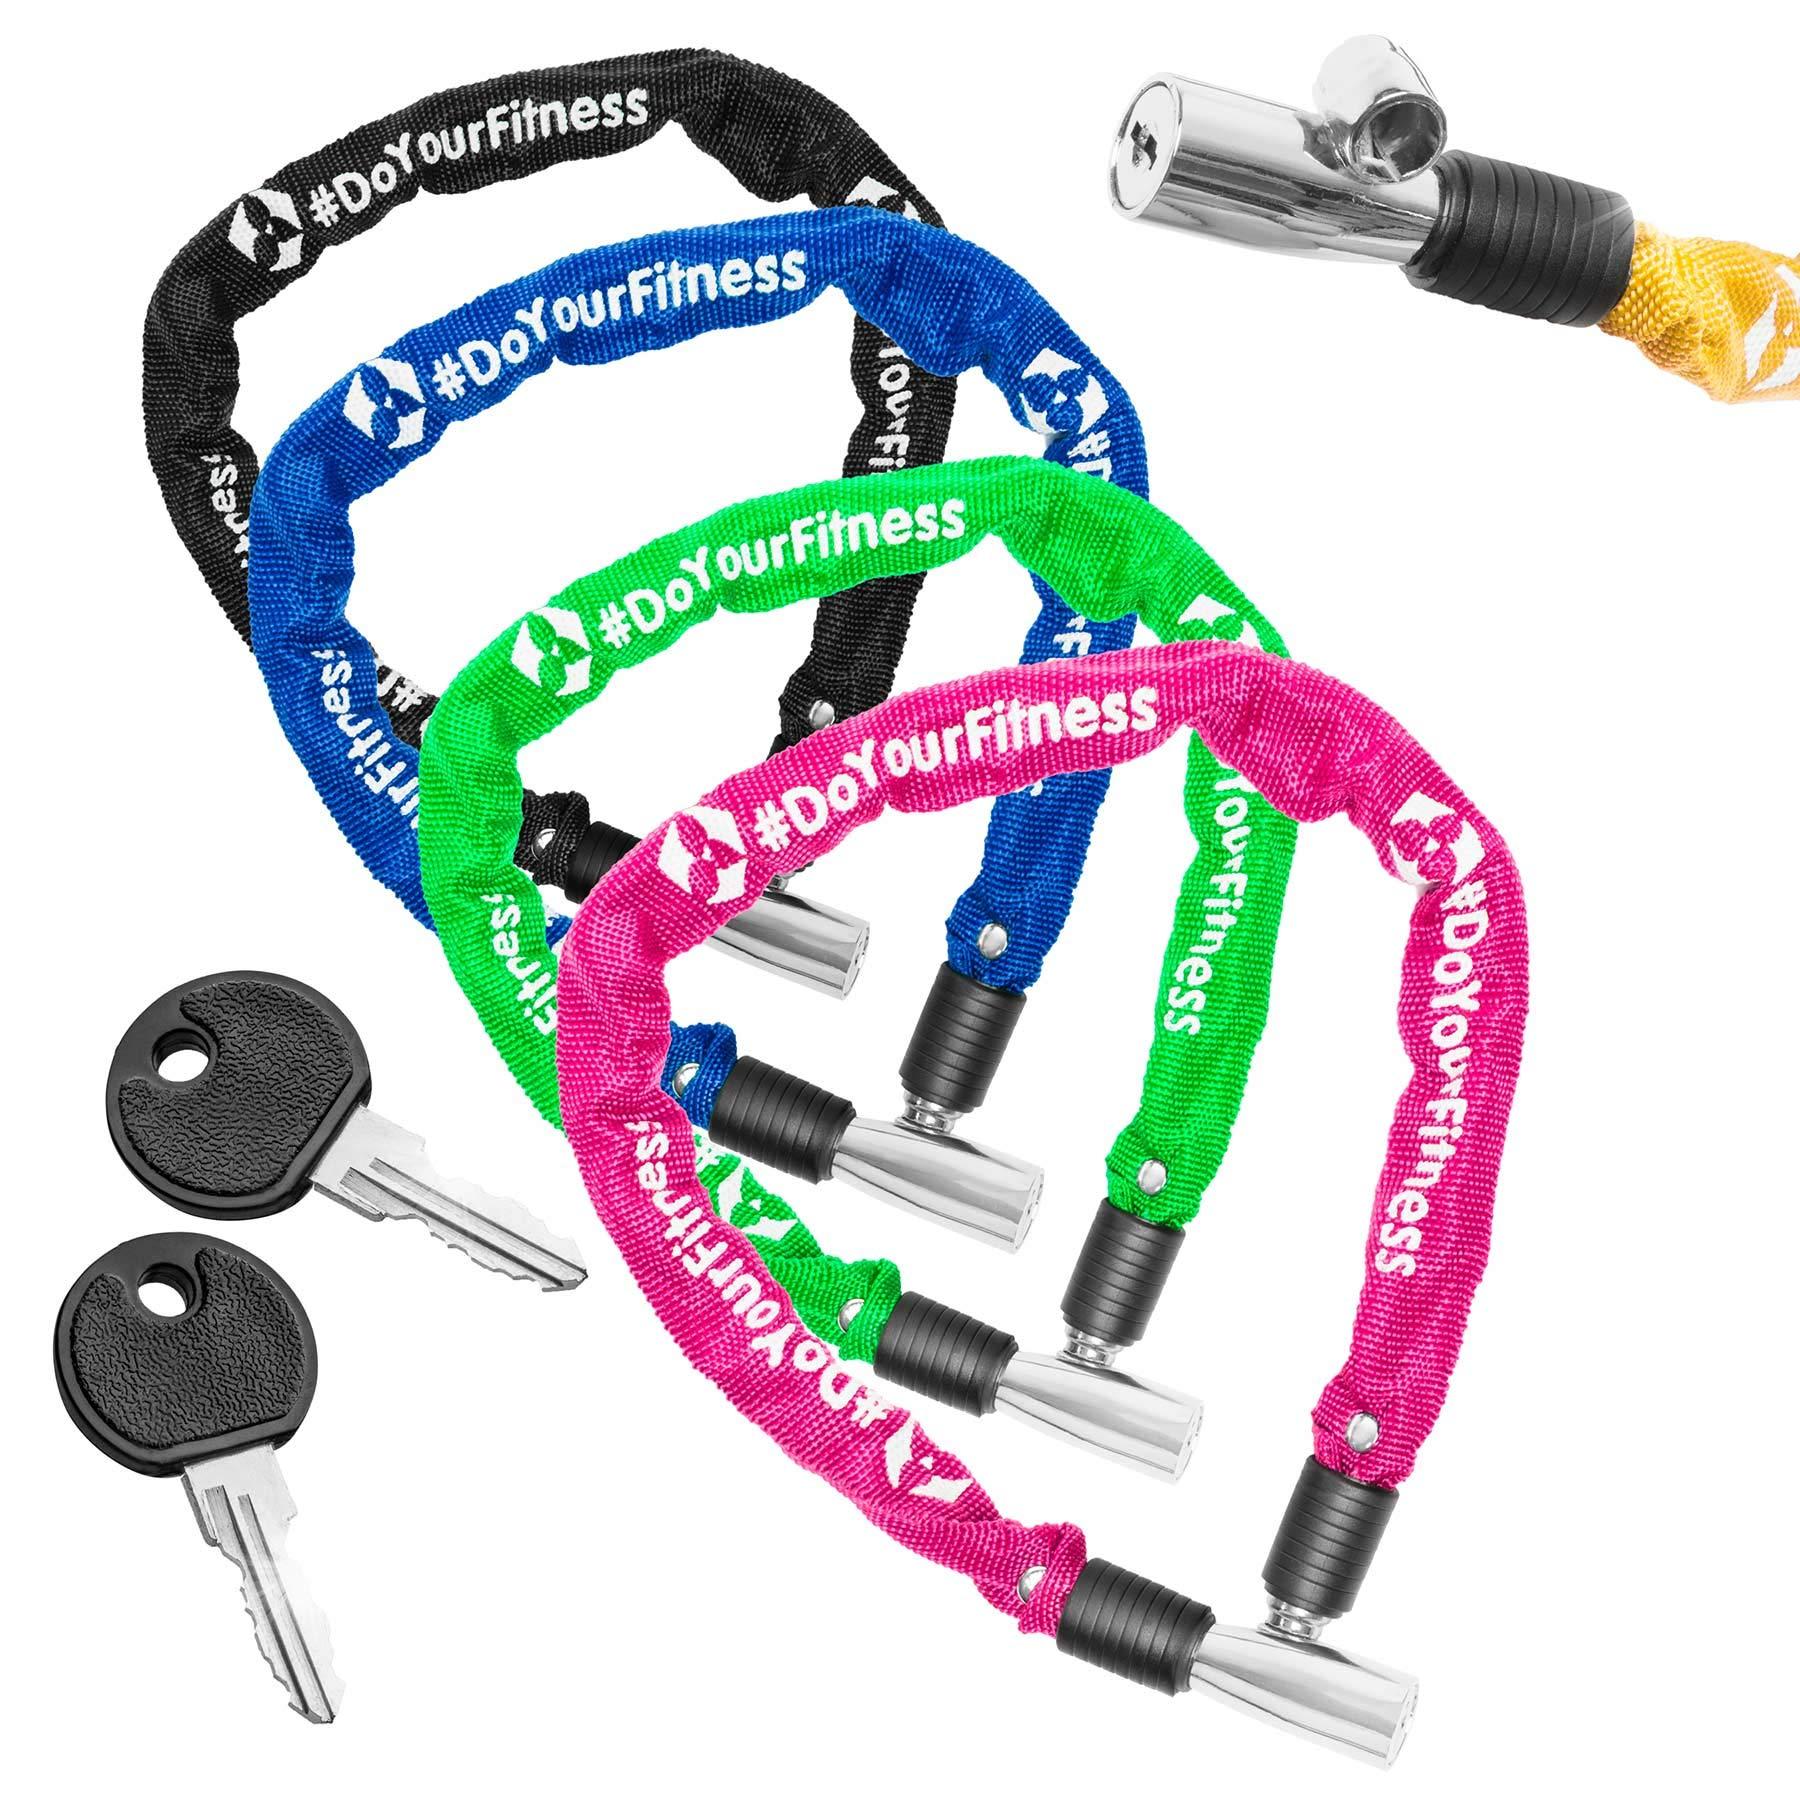 #DoYourFitness Antivol vélo »Guardian«/Antivol à Chaine en aciers clés/env. 60 cm de Long, diamètre env. 20cm, épaisseur env. 3-4mm/idéal vélos d'enfants/Disponible en 5 Couleurs product image